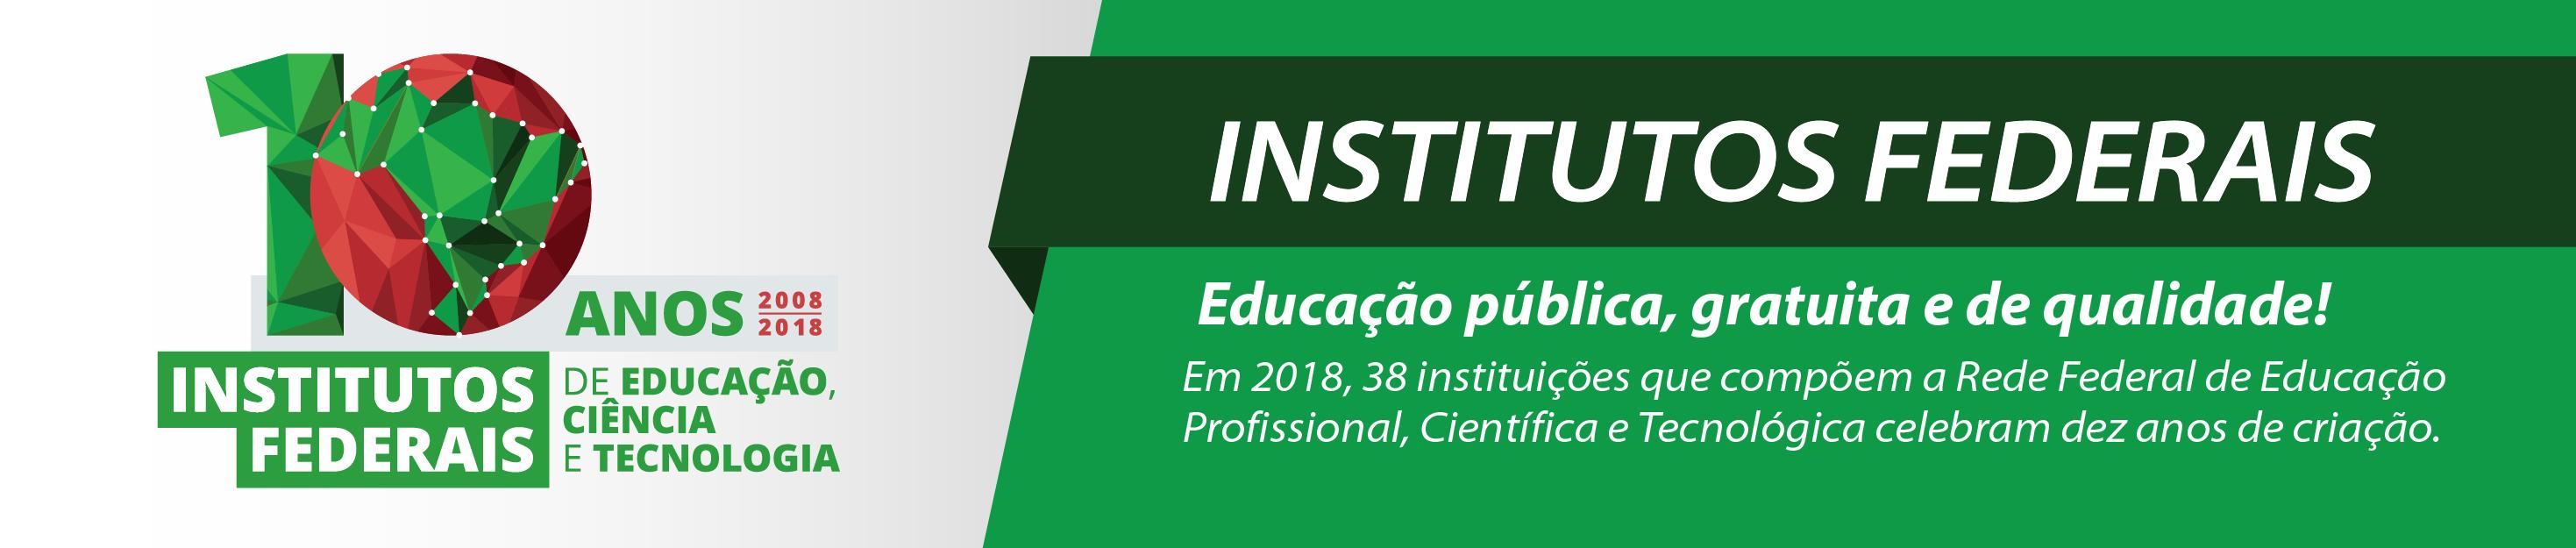 10 ANOS da criação dos Institutos Federais